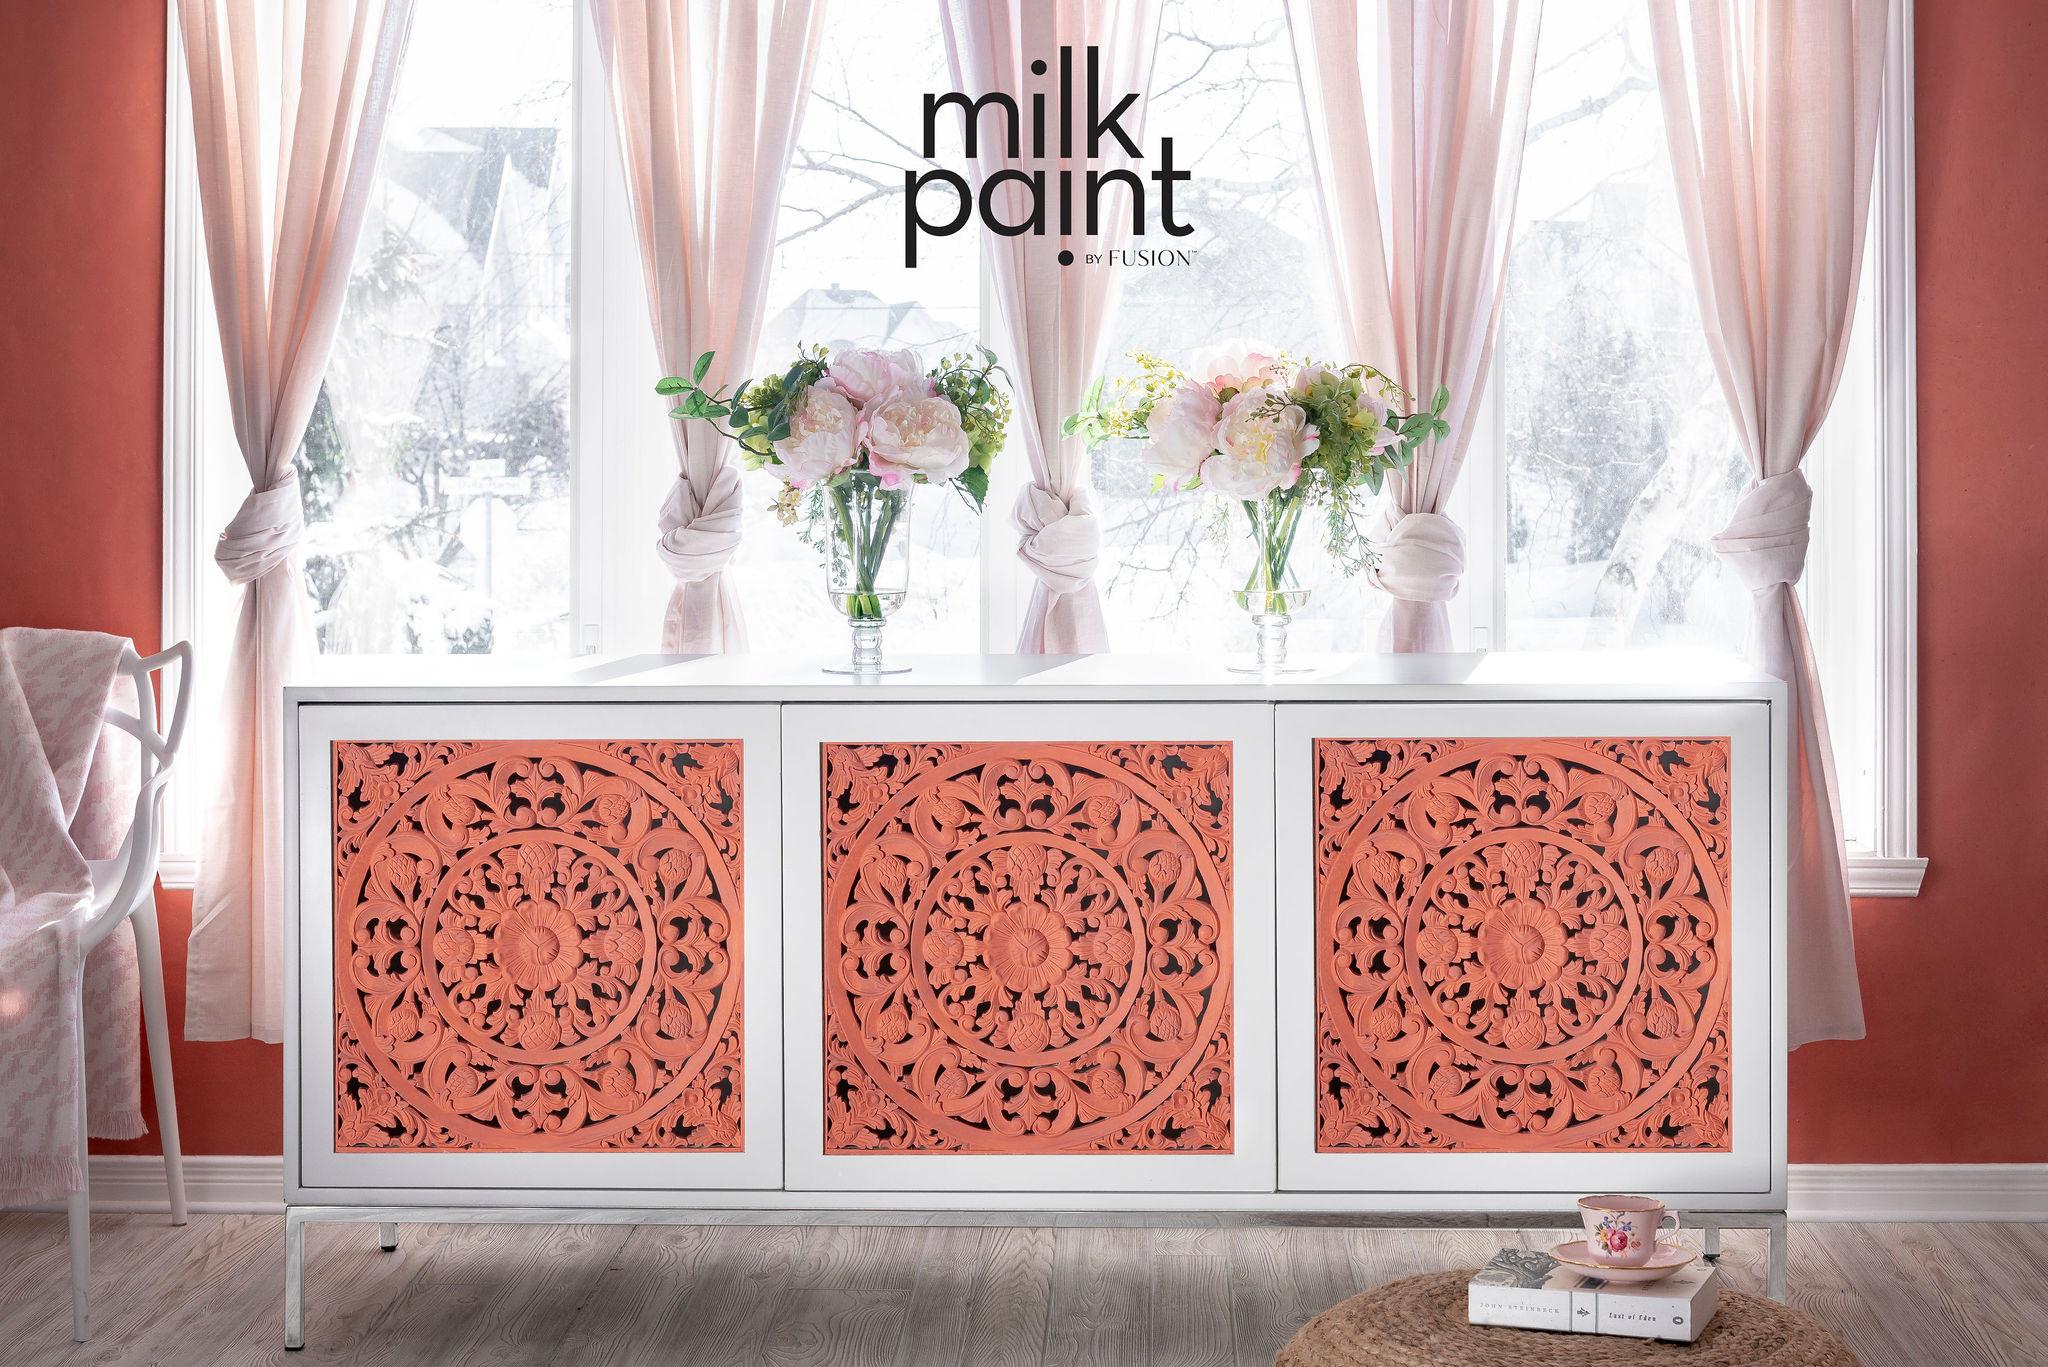 Fusion Mineral Paint Fusion - Milk Paint - Casa Rosa - 330gr